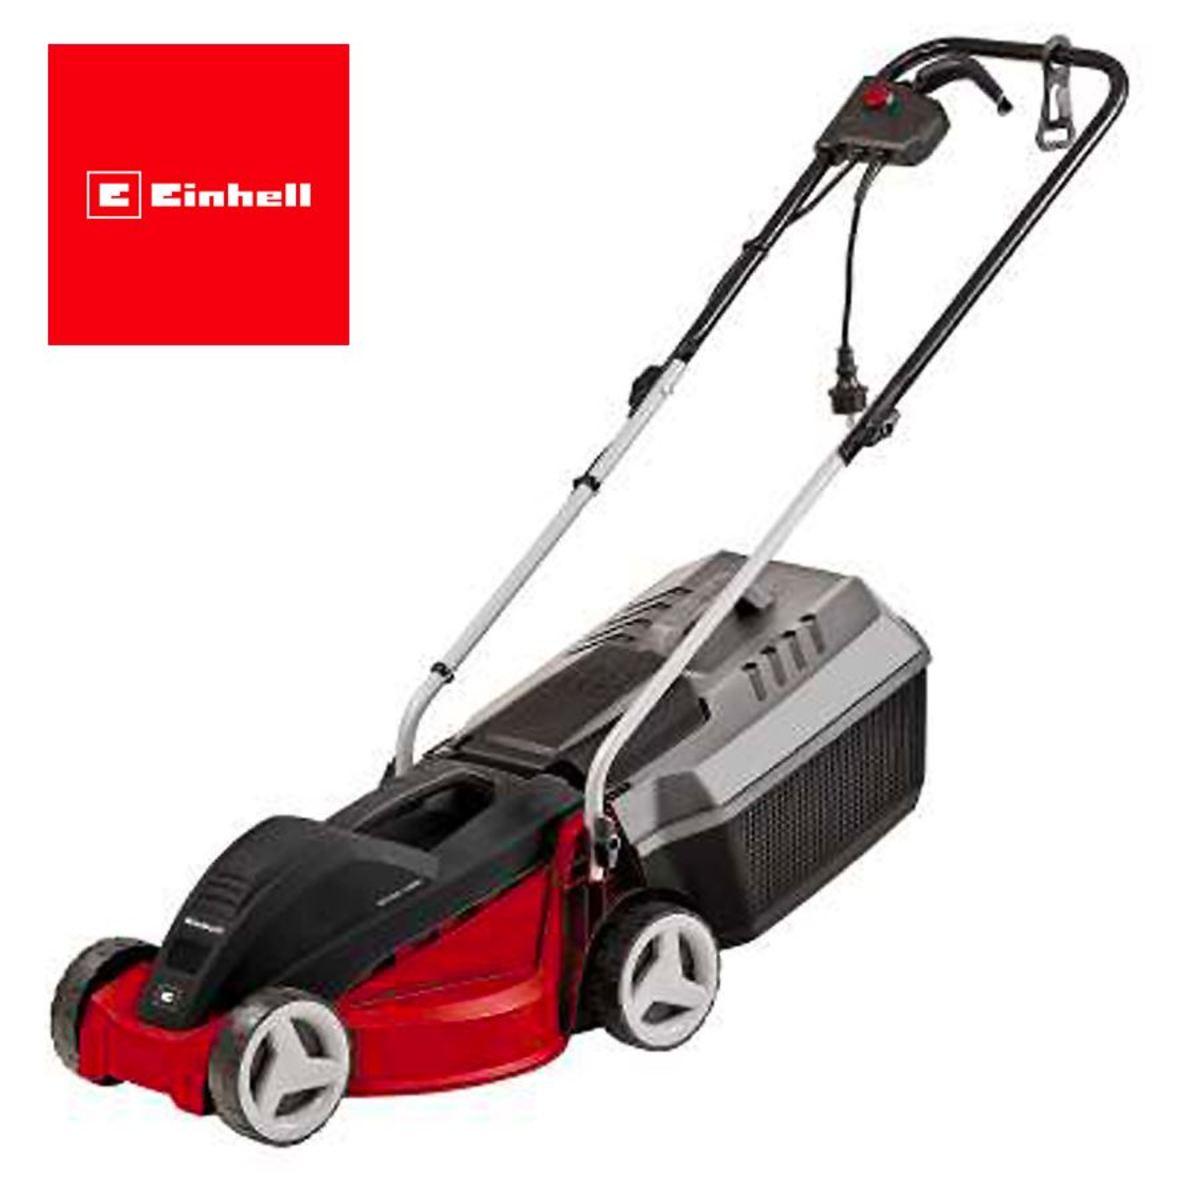 Bild 1 von Einhell Elektro-Rasenmäher GC-EM 1030